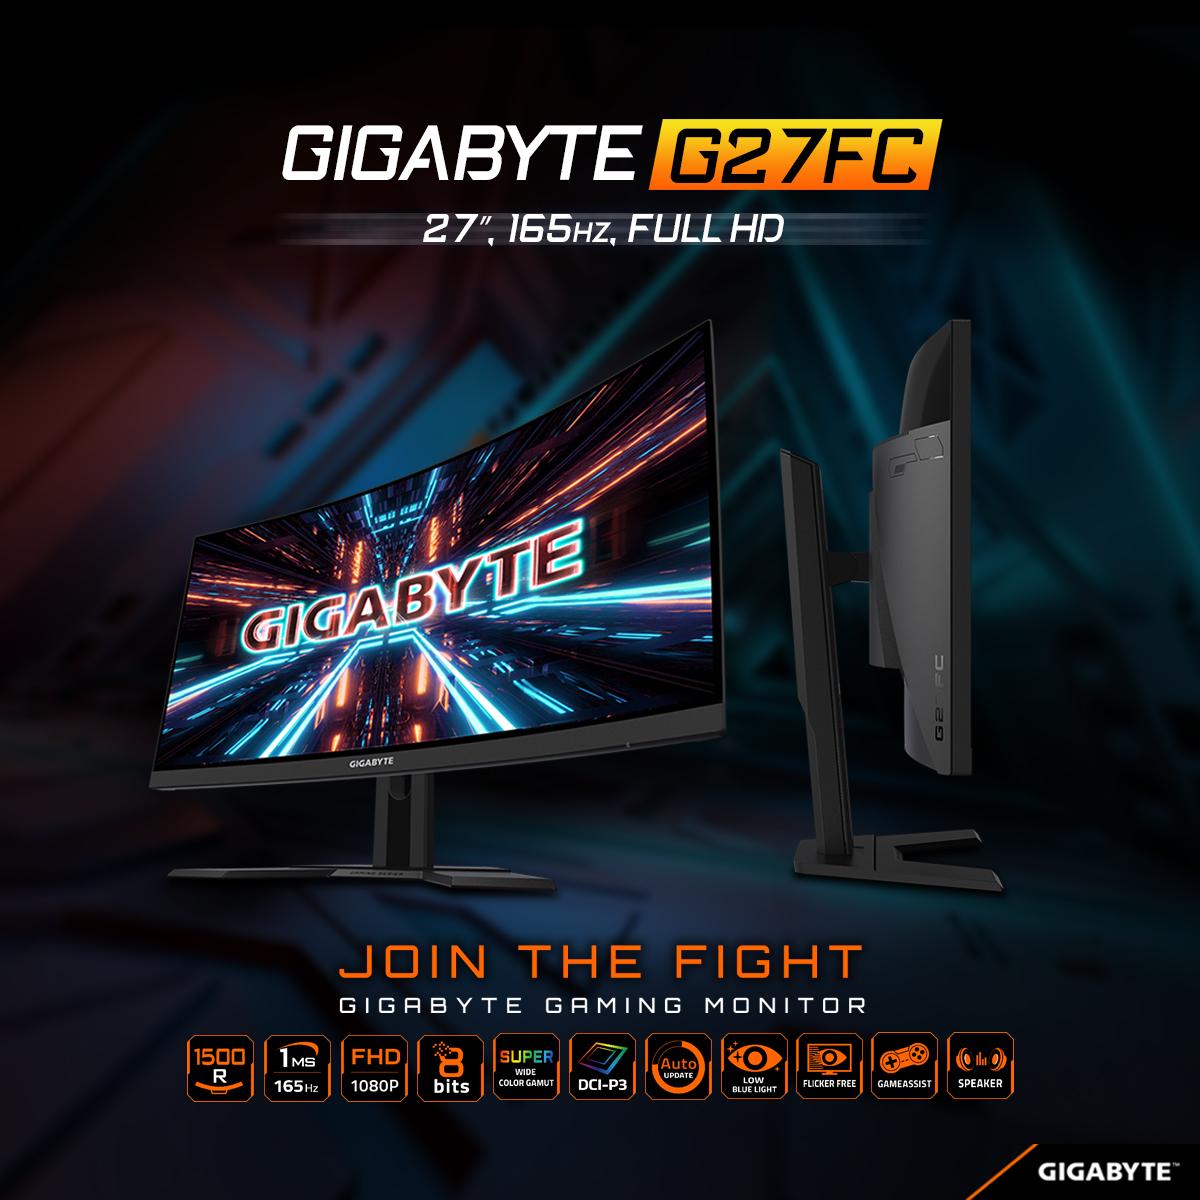 Màn Hình Cong 1500R Gaming Gigabyte G27FC 27'' FullHD (1920x1080) 1ms 165Hz VA Cong Stereo Speaker (2W x 2) - Hàng Chính Hãng